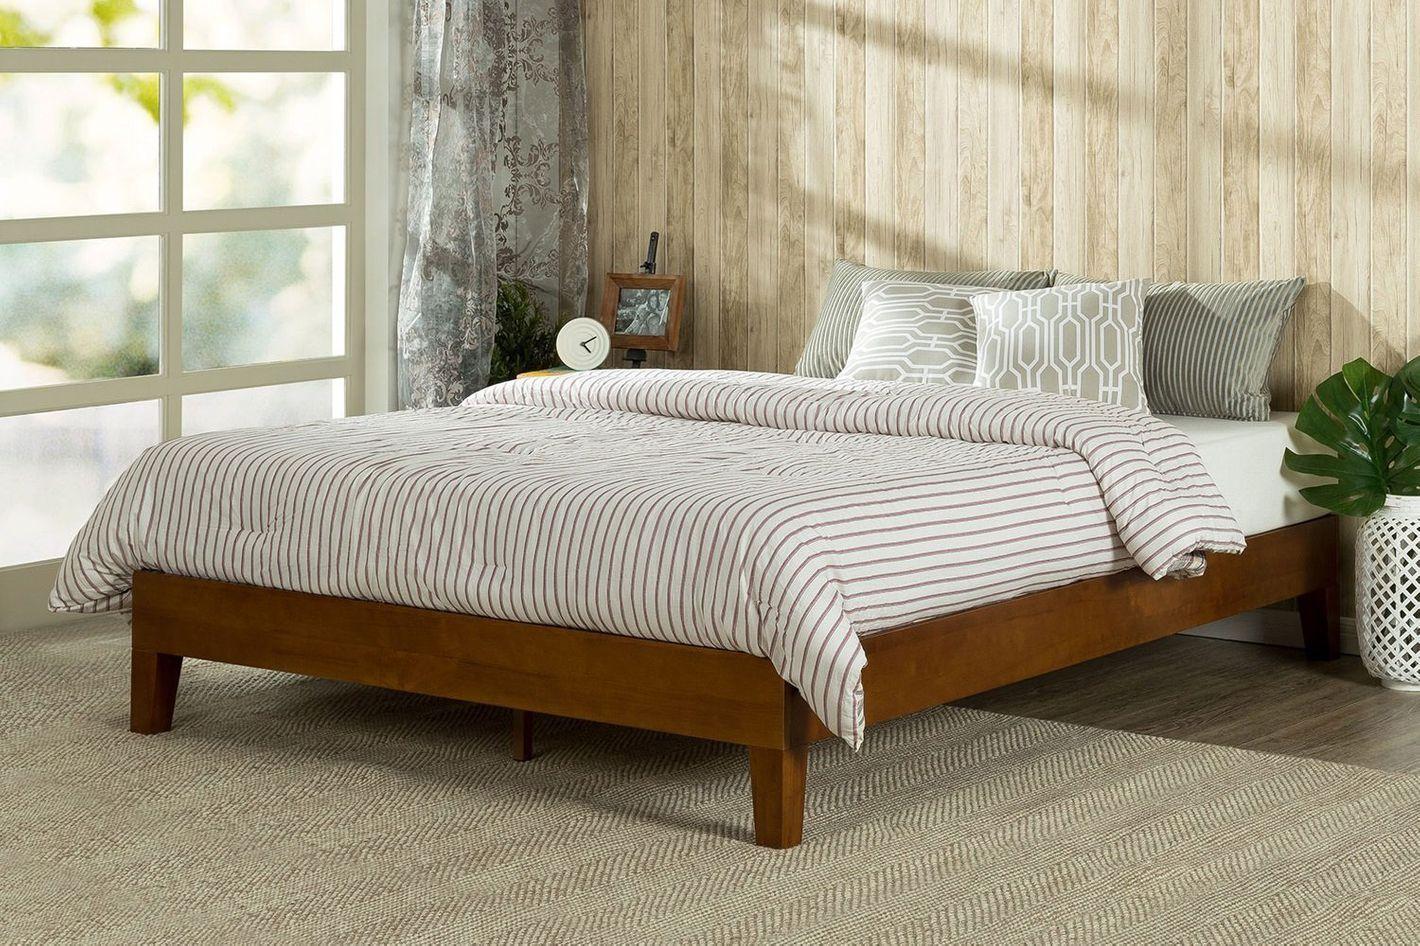 Zinus 12-Inch Deluxe Wood Platform Bed — King